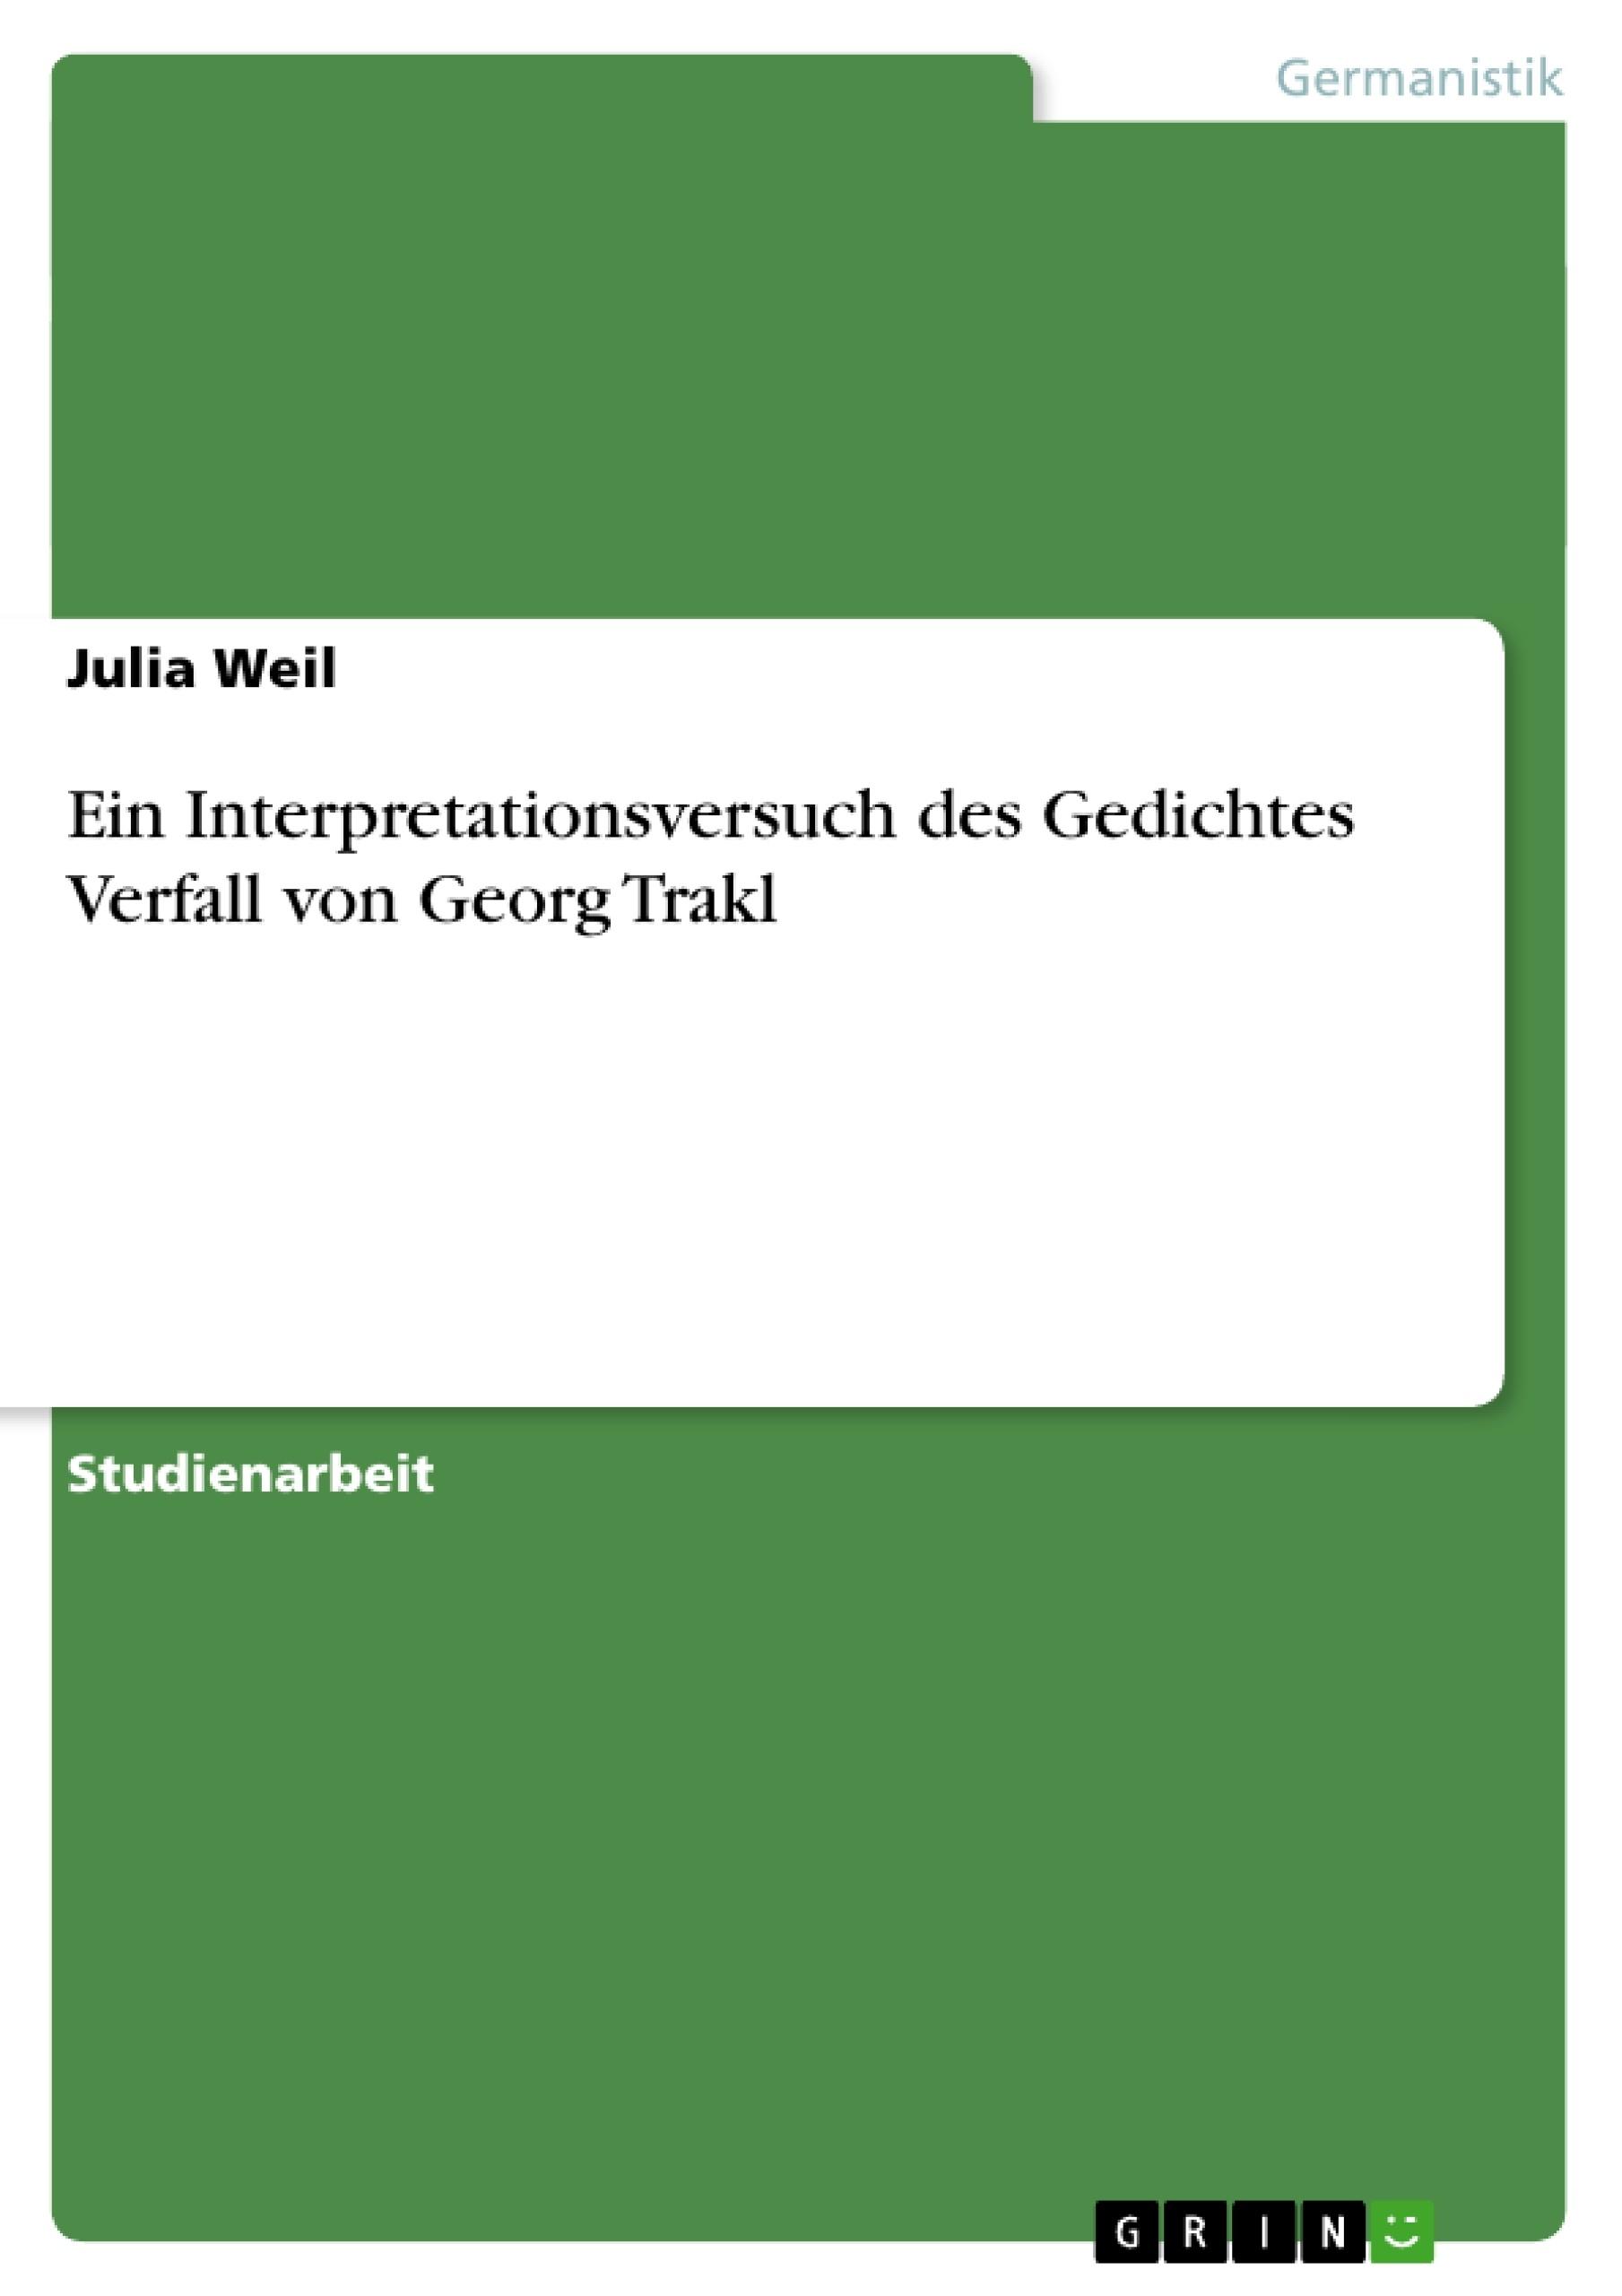 Titel: Ein Interpretationsversuch des Gedichtes  Verfall  von Georg Trakl